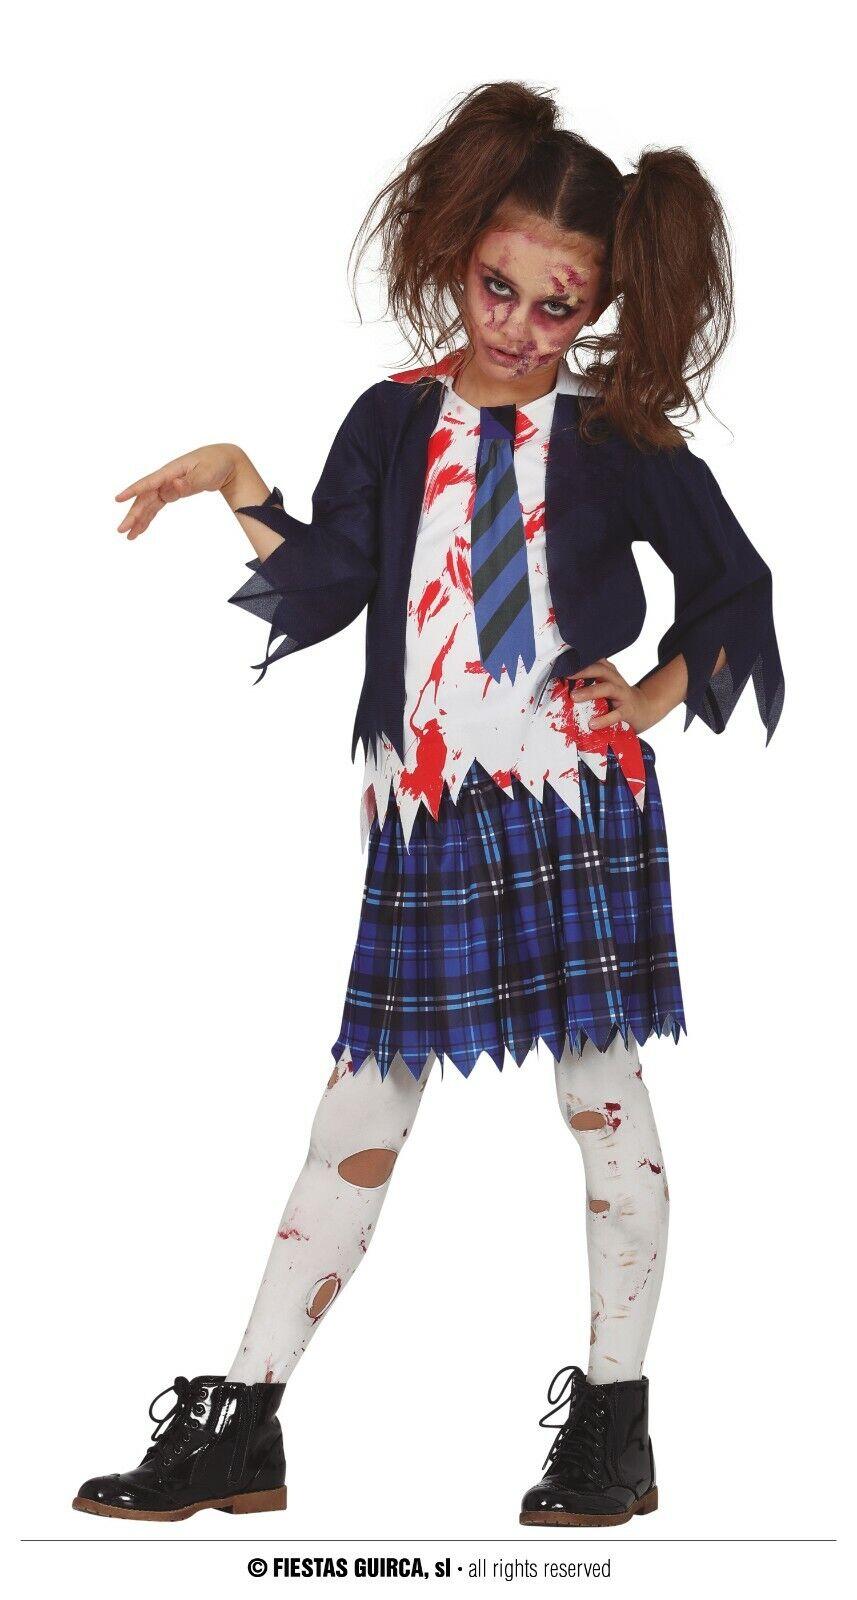 Fiestas Guirca Zombie High School Girl Zombie Schoolgirl Halloween Age 10-12